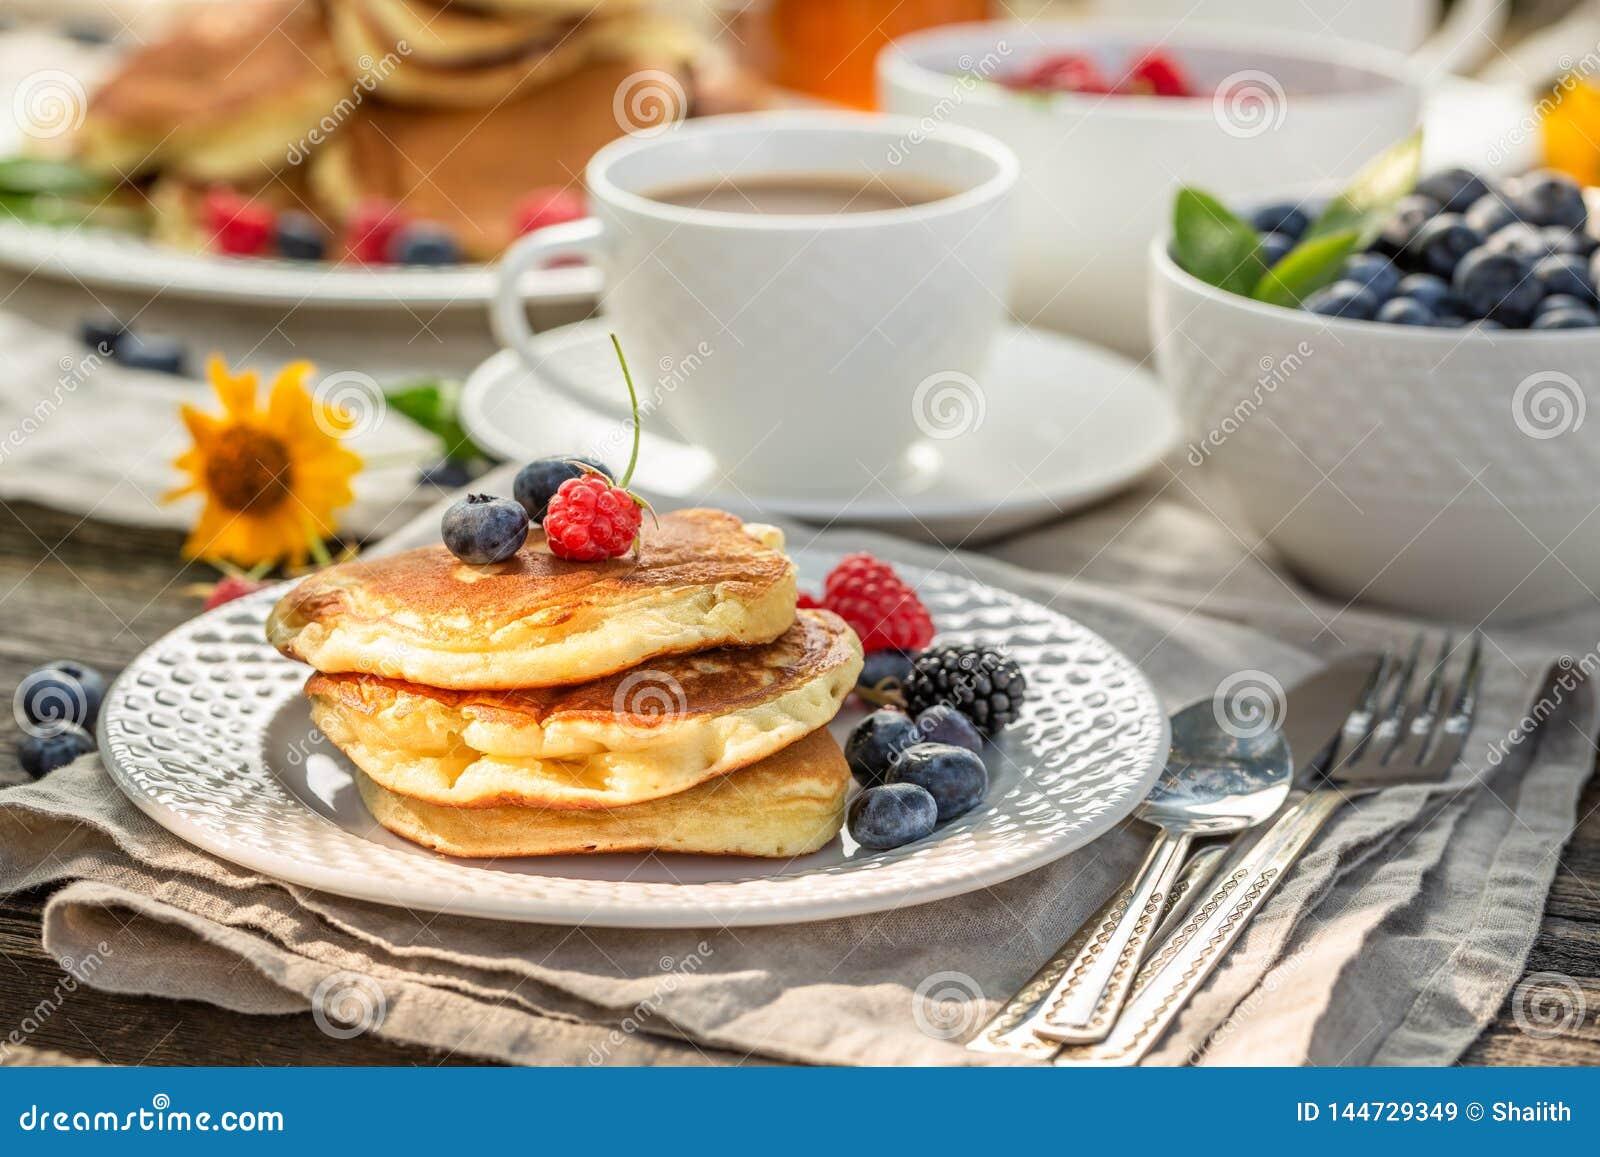 Verse pannekoeken met frambozen, bosbessen en honing